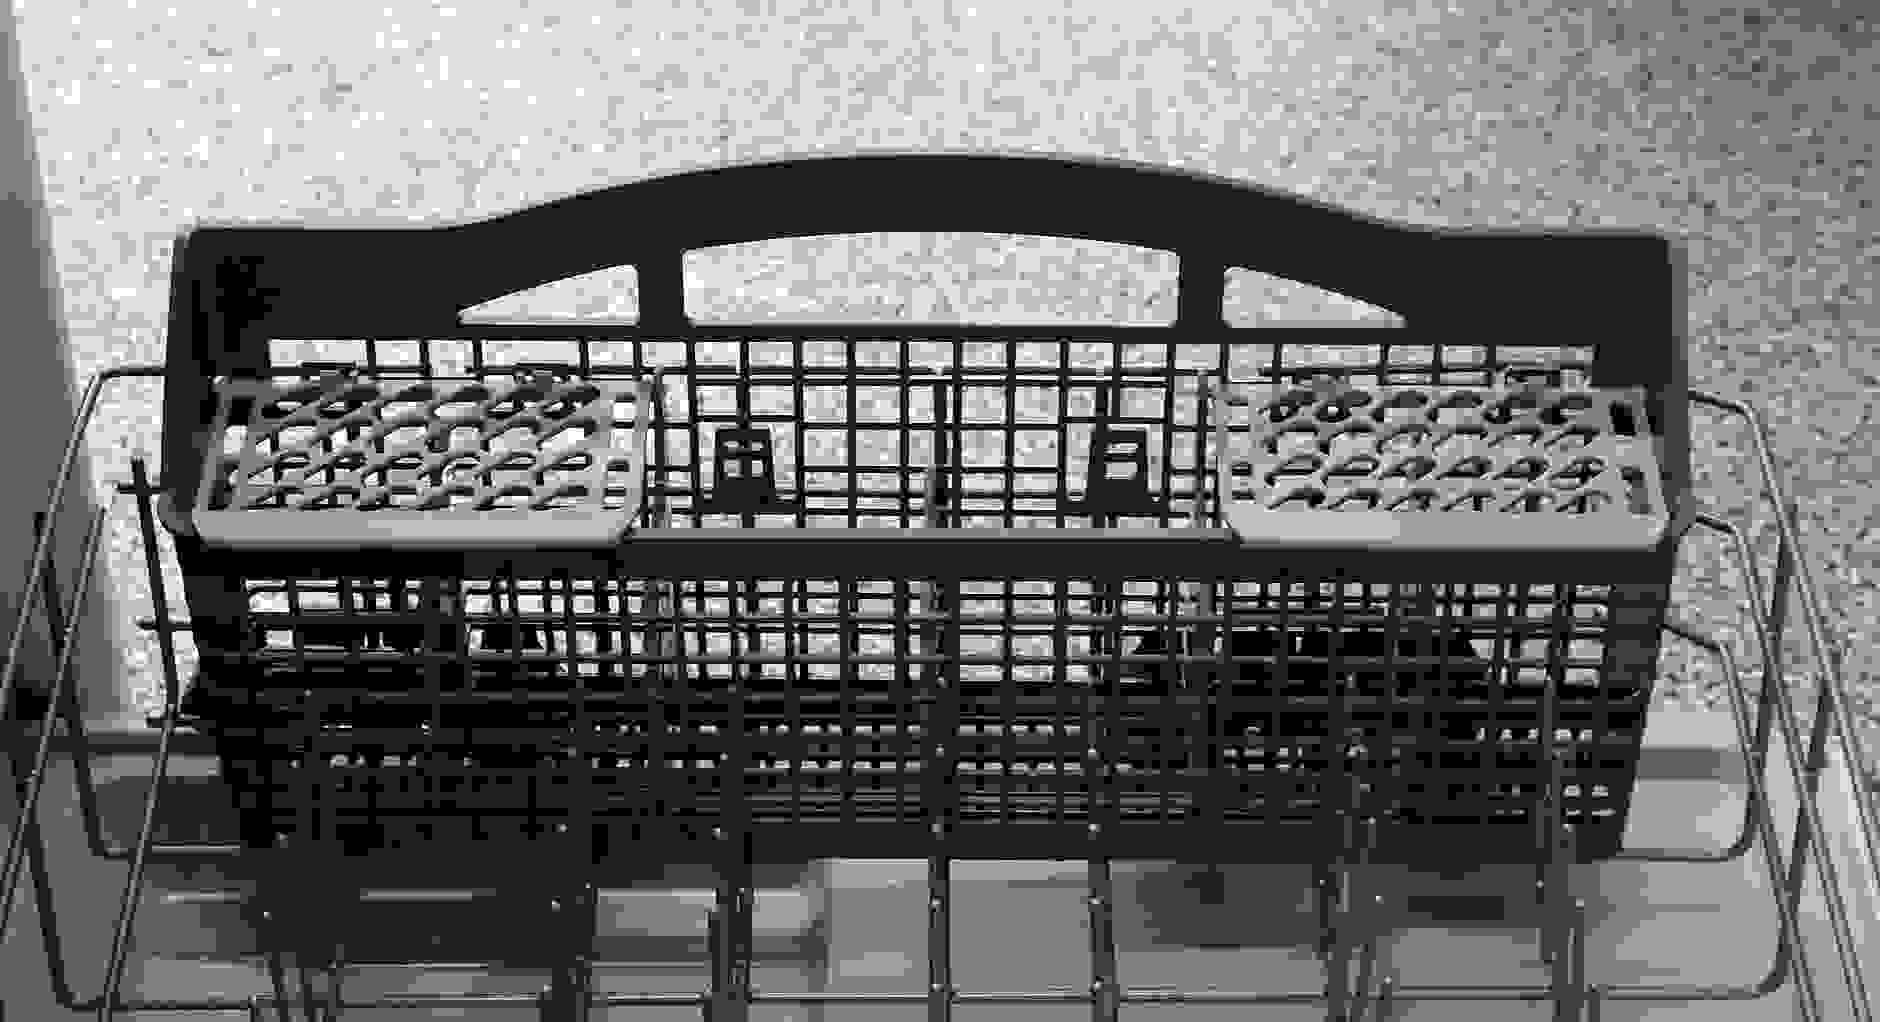 Kenmore 13042 cutlery basket